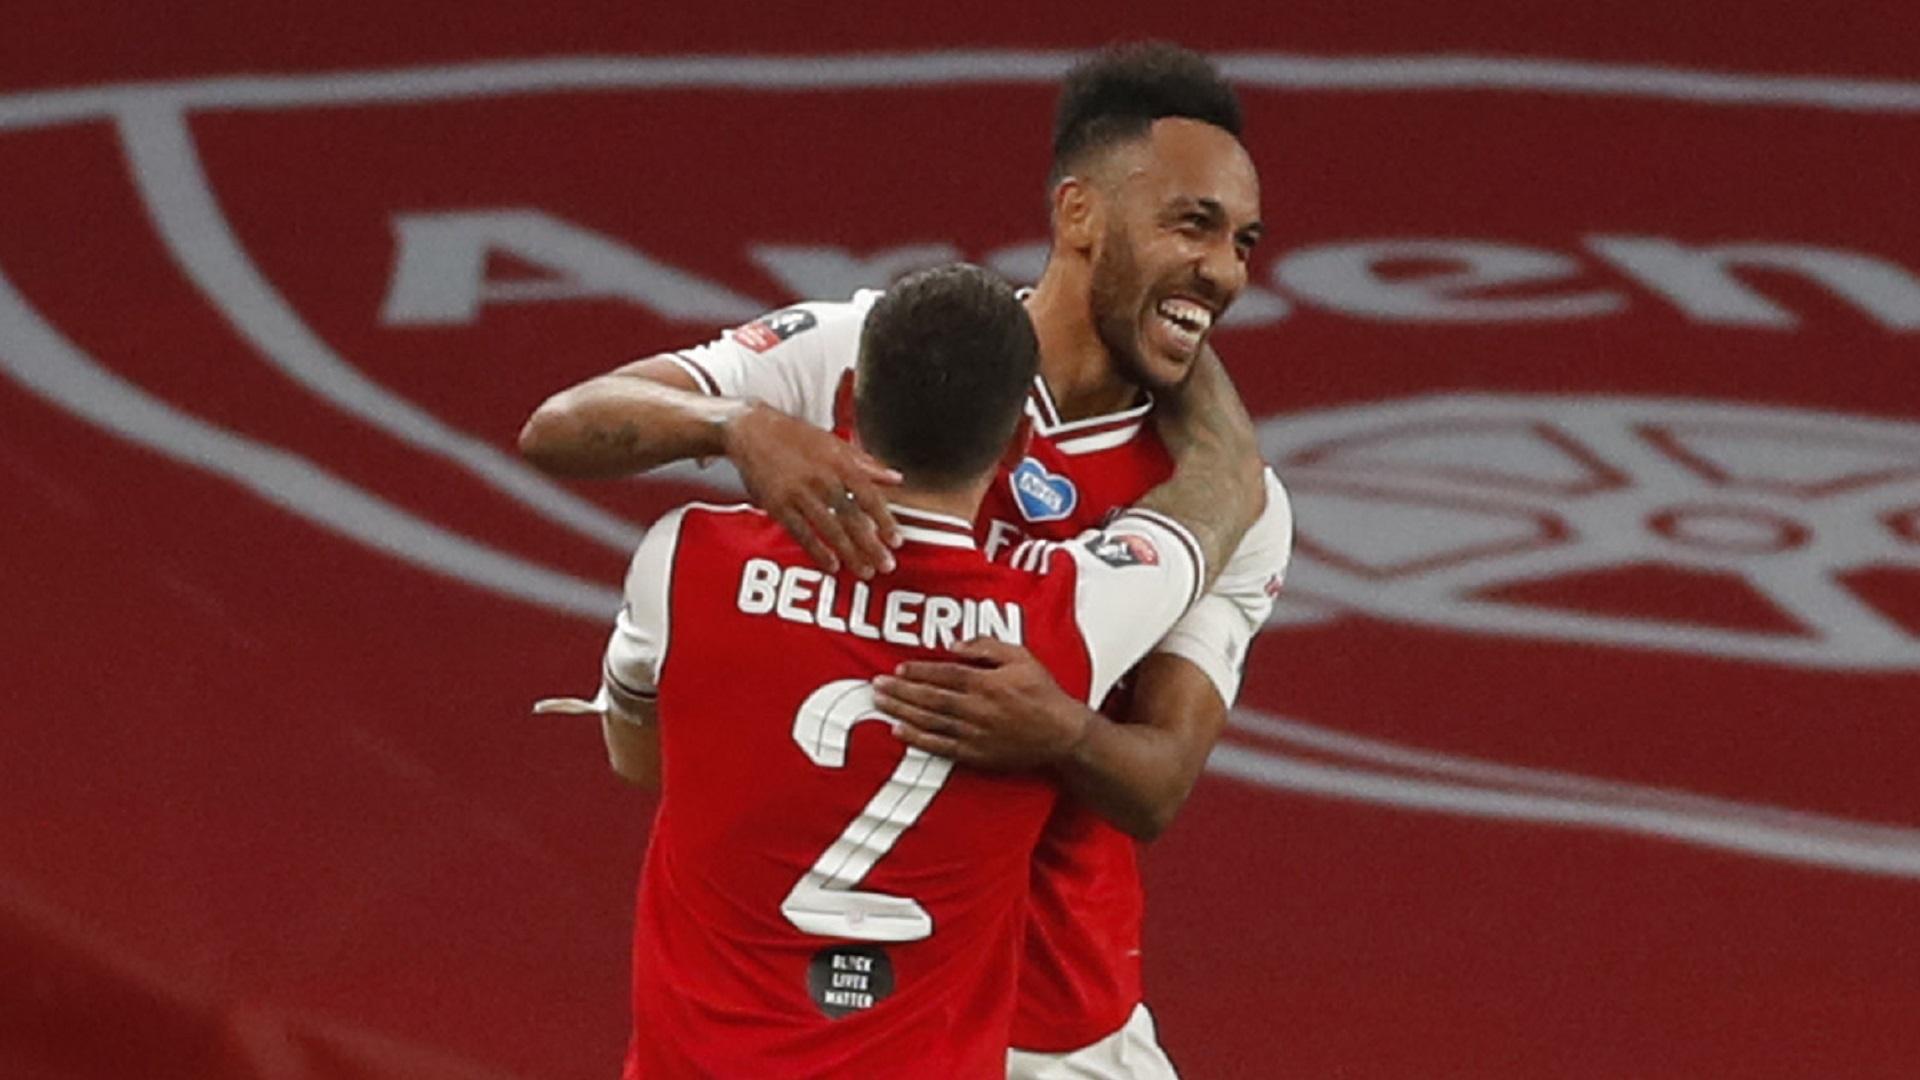 Arsenal - Man City (2-0), Aubameyang et les Gunners créent l'exploit face à City